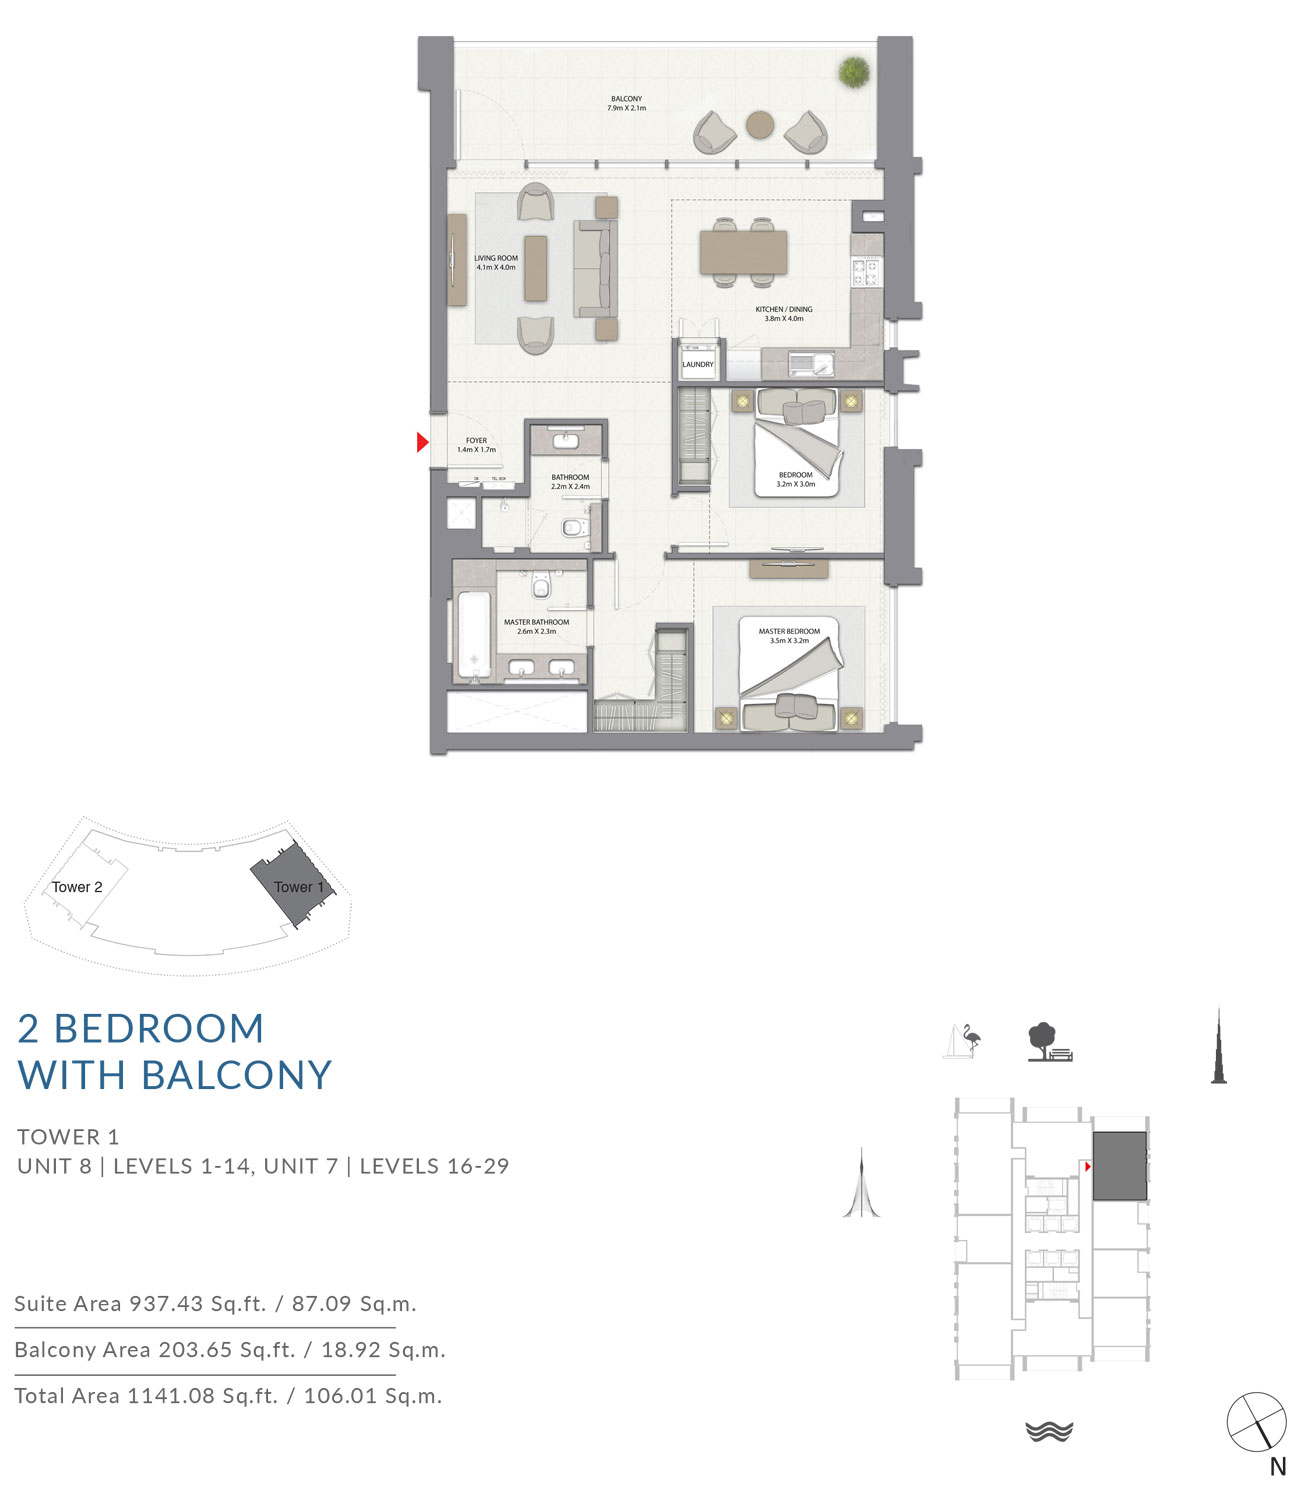 2 Bedroom Tower 1